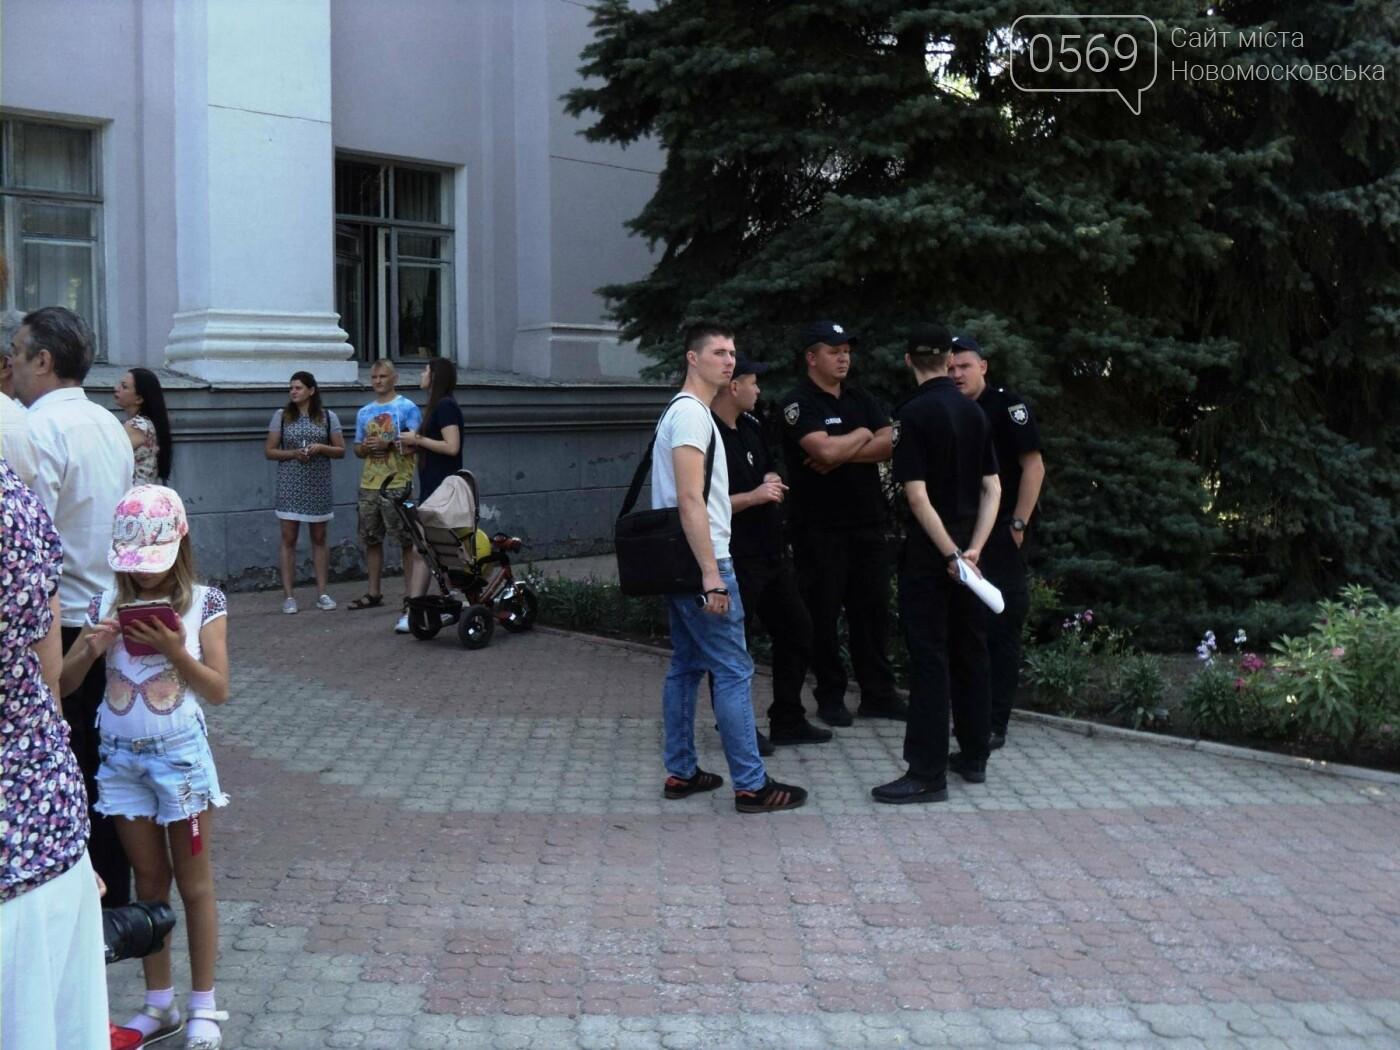 Біля будівлі мерії Новомосковська протестували ветерани, фото-1